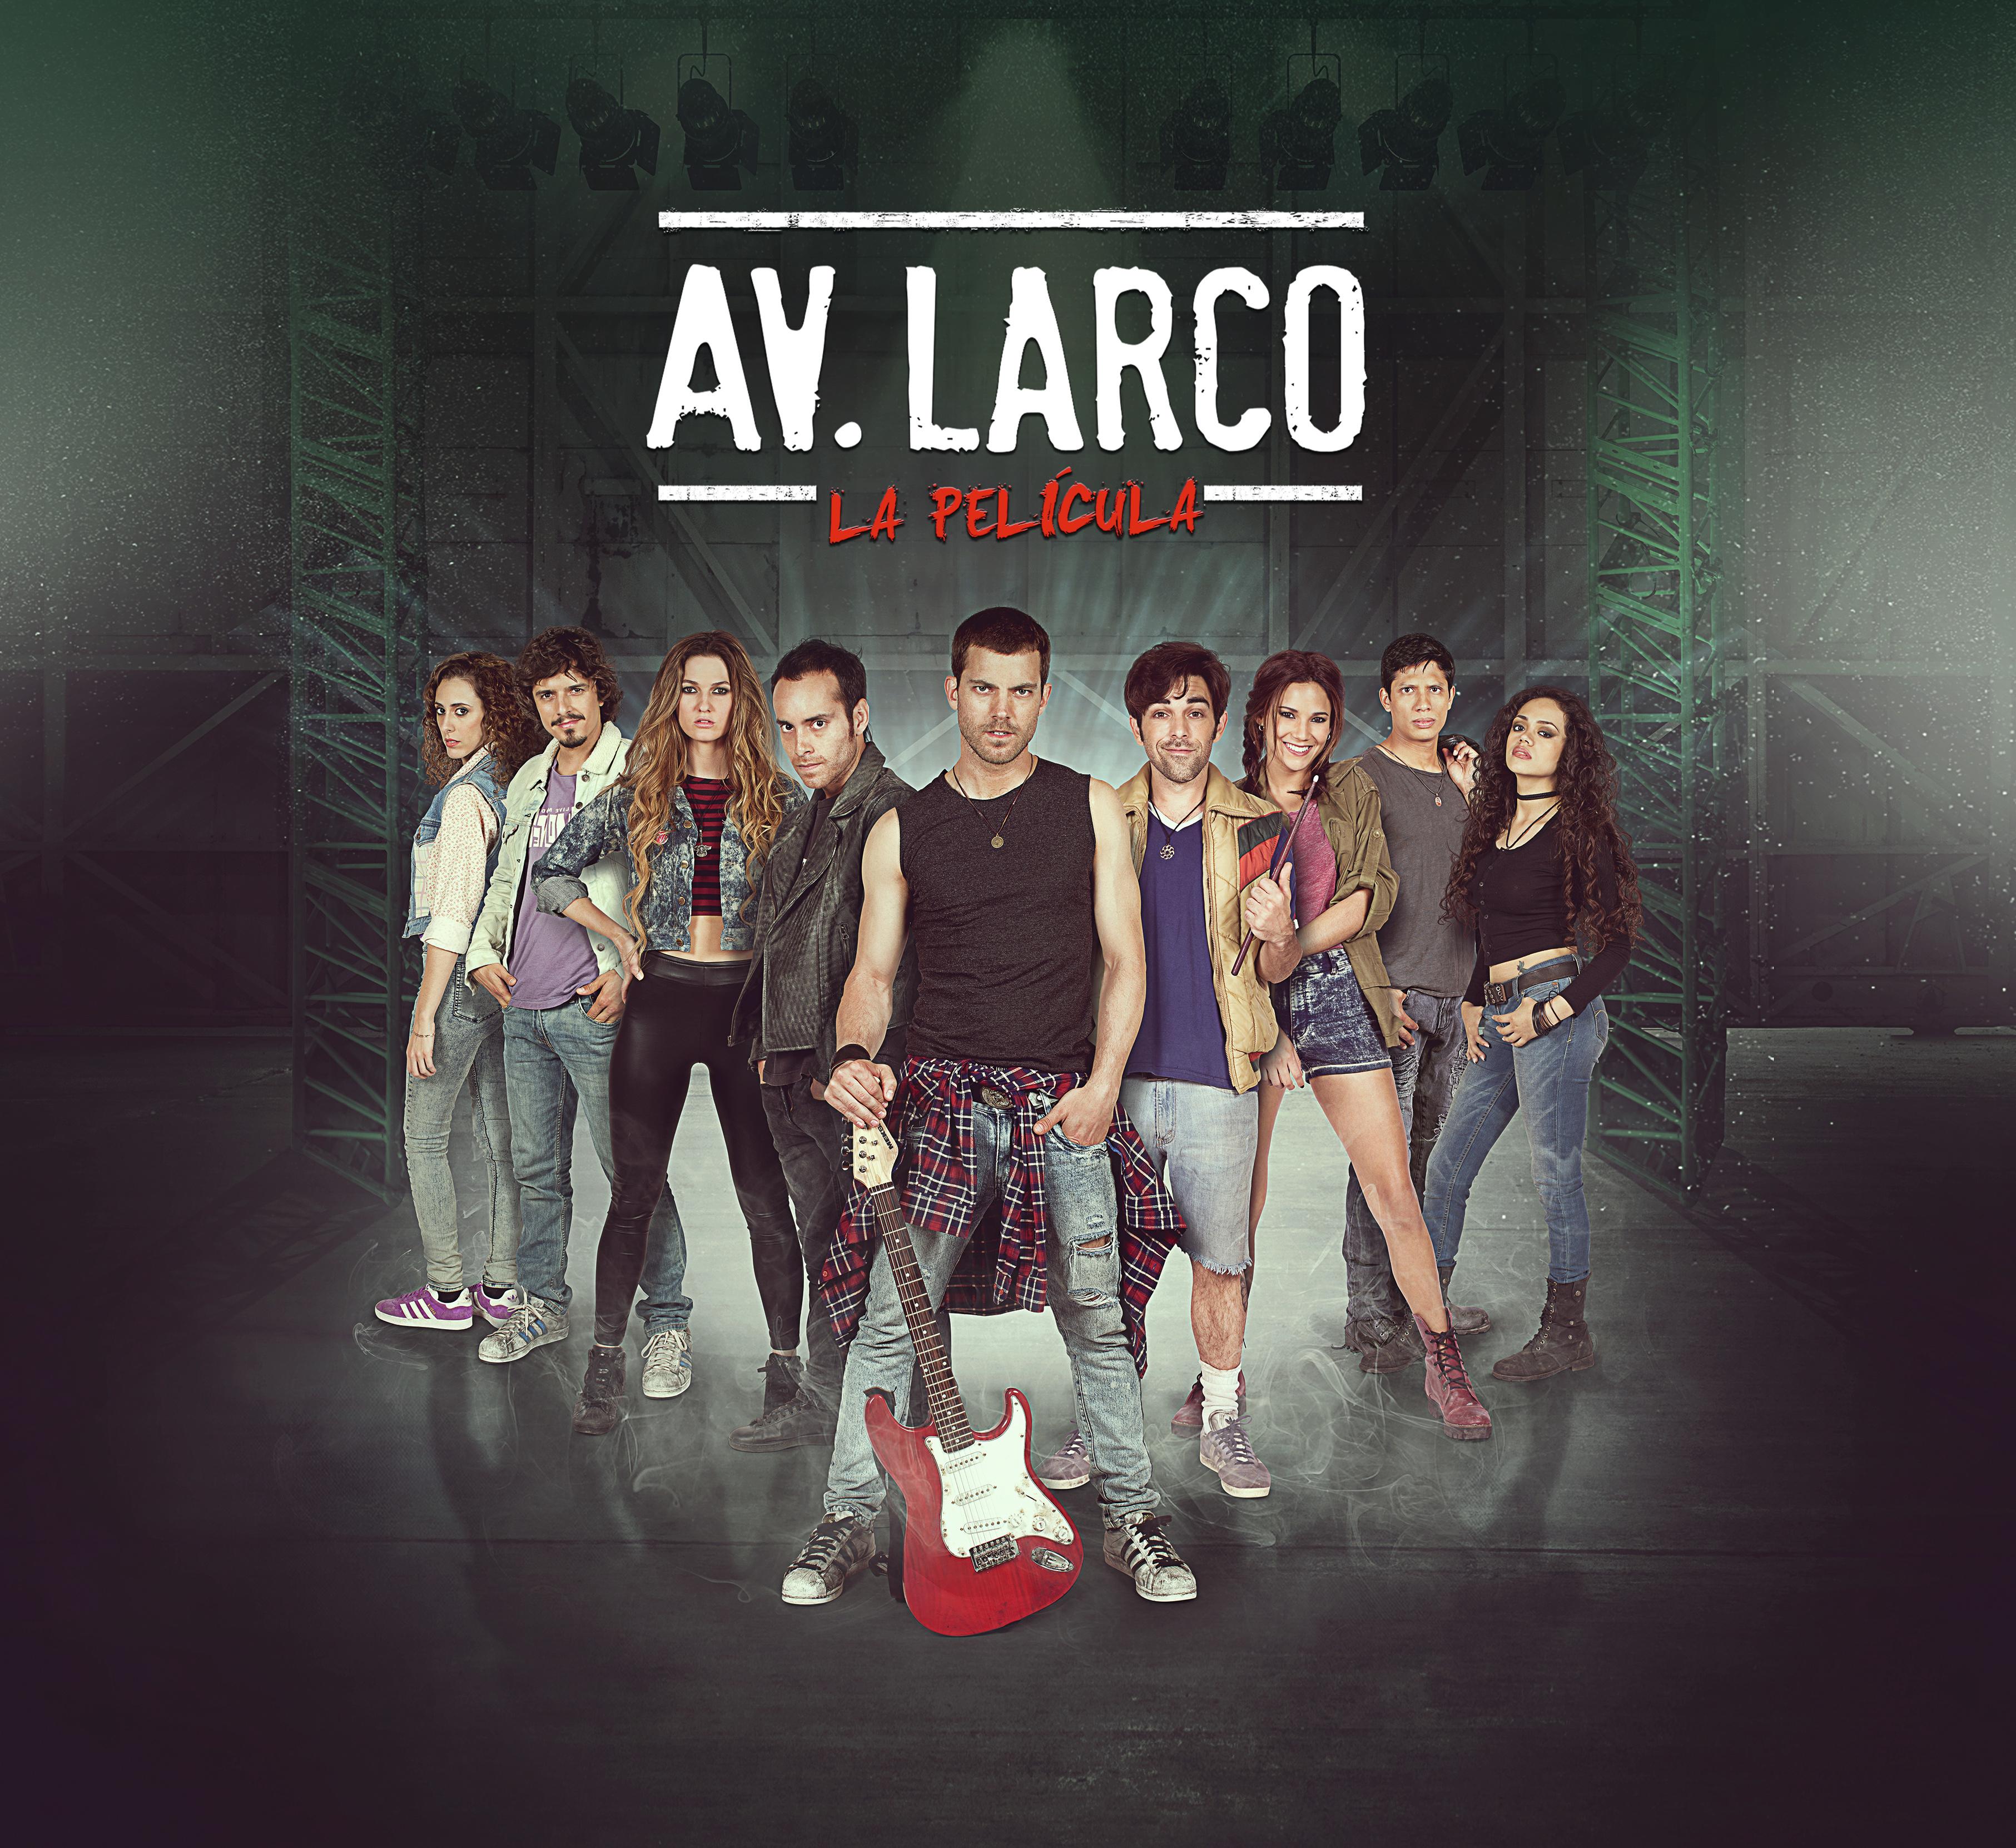 AV. LARCO - DRAMEDY